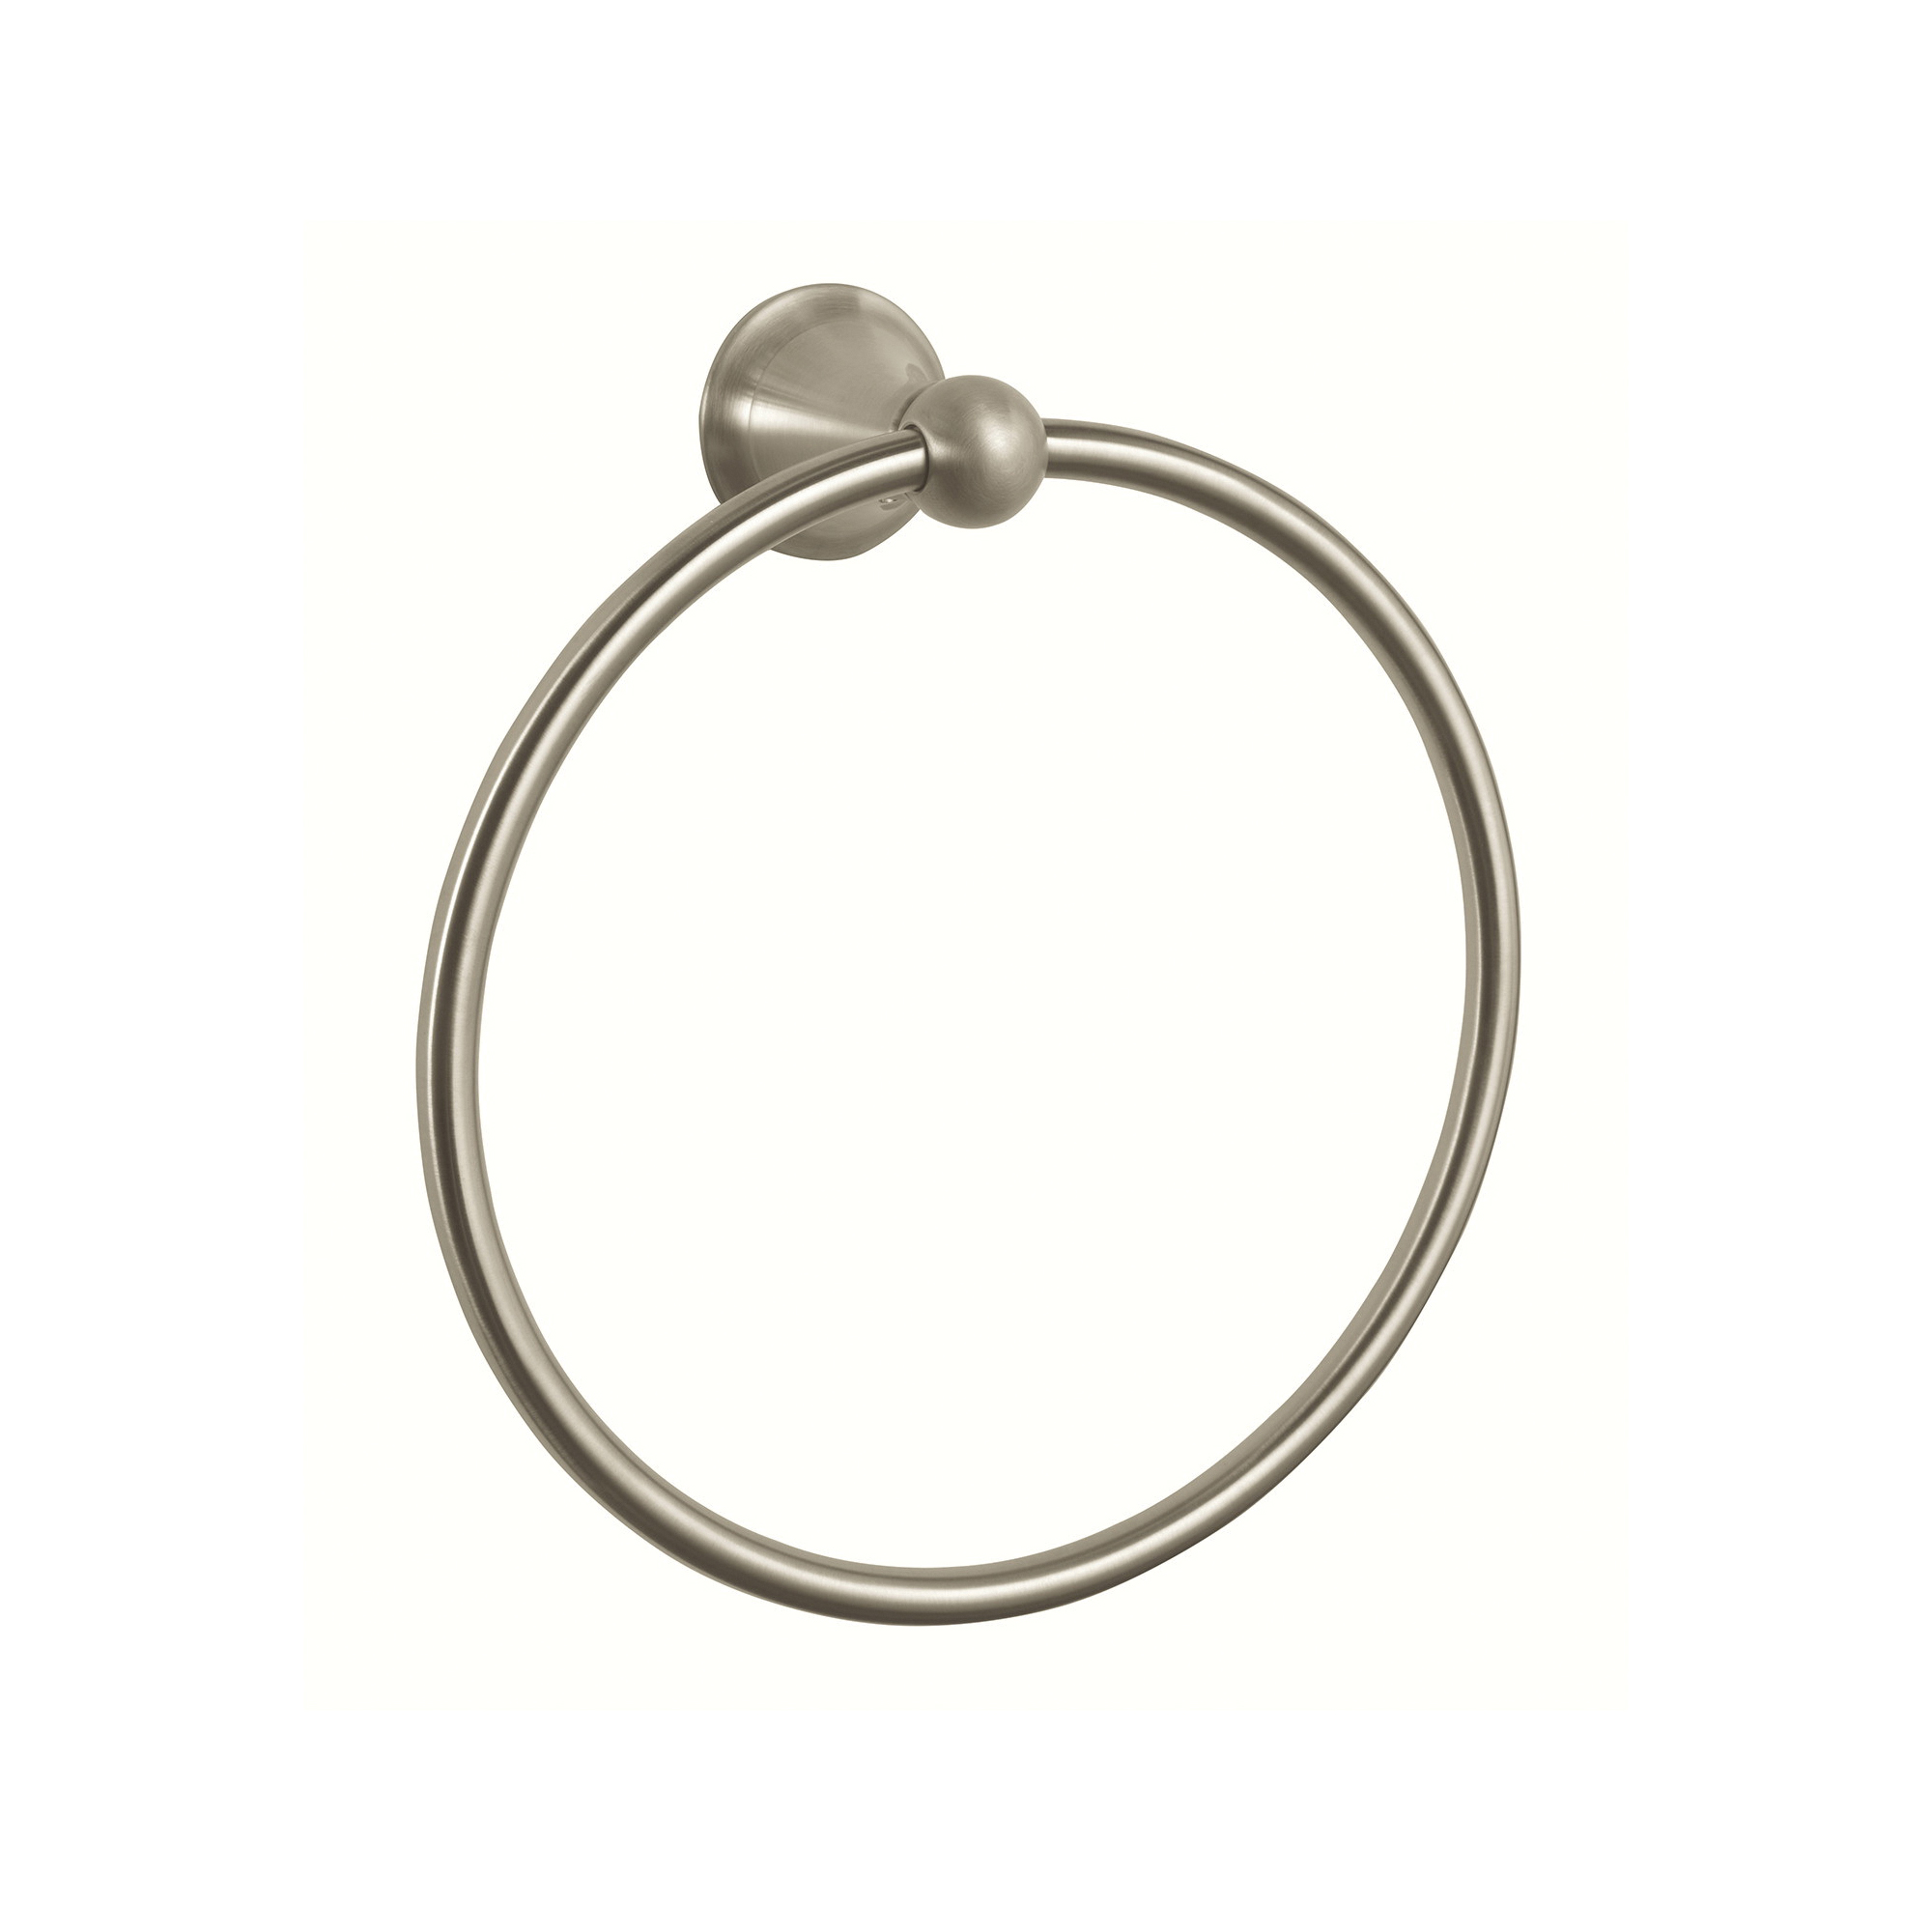 GROHE 40158EN0 Seabury Towel Ring, 7-7/8 in Dia Ring, 2-11/16 in OAD, Metal, Import